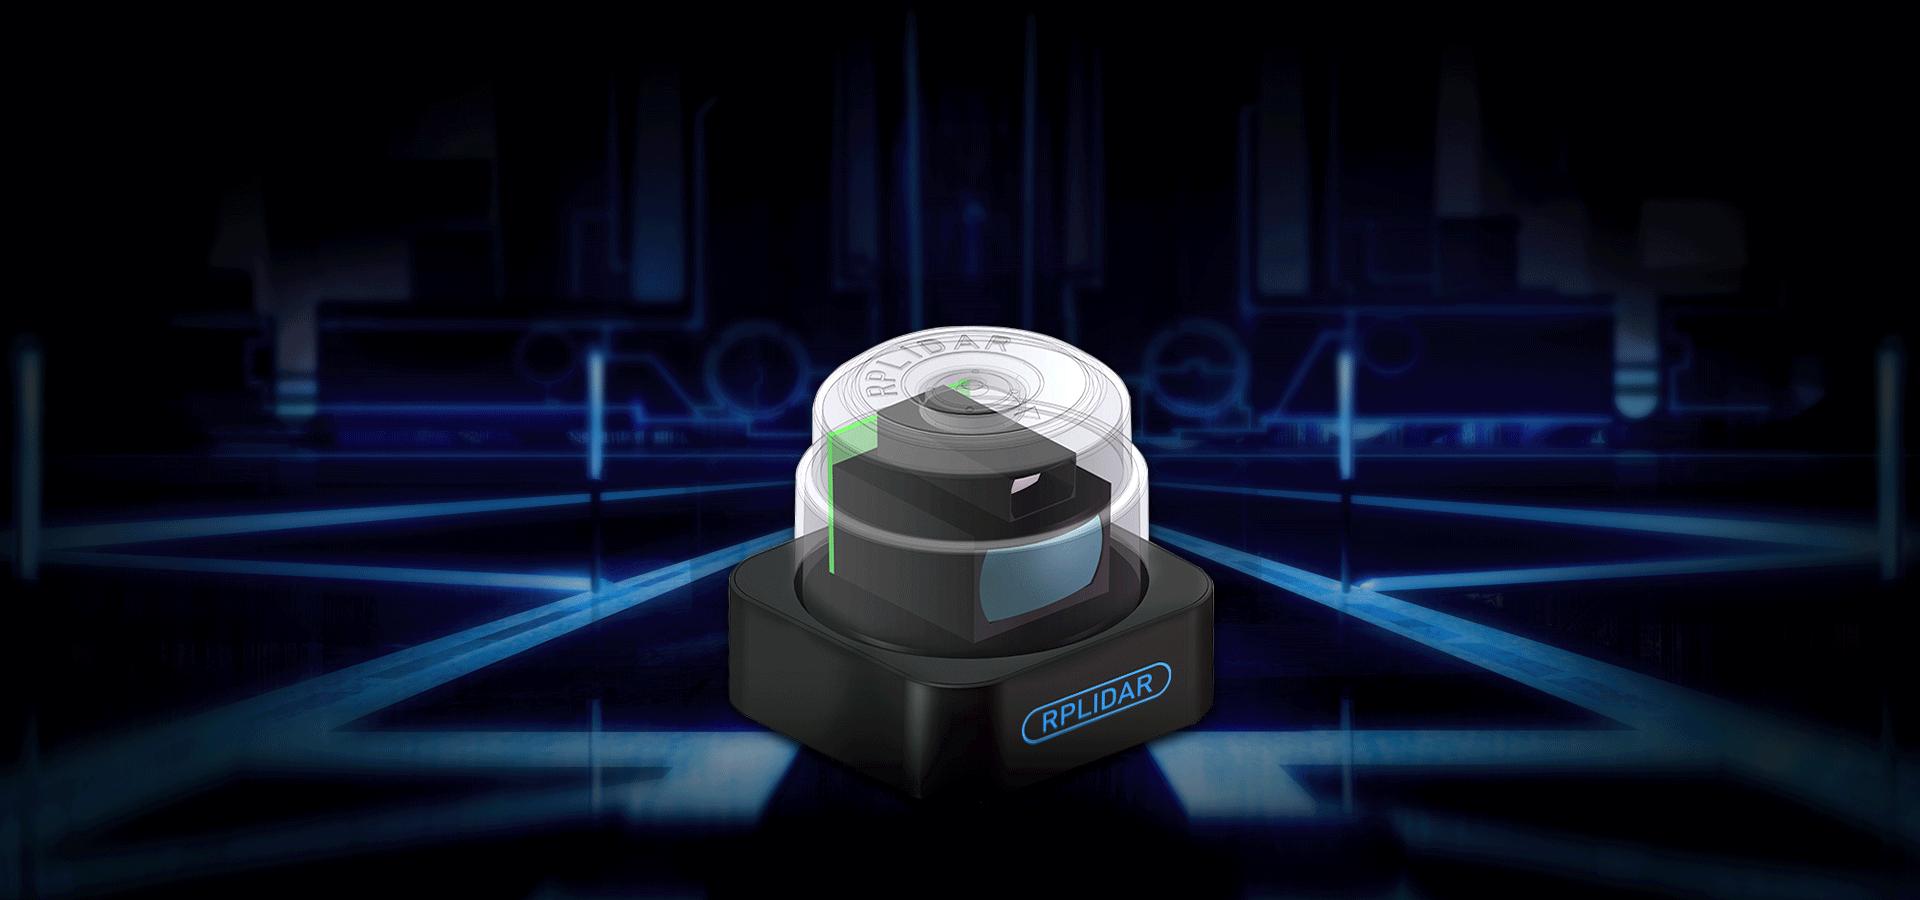 lidar-rplidar-s1-tof-laser-scanner-40m-slamtec-chinh-hang